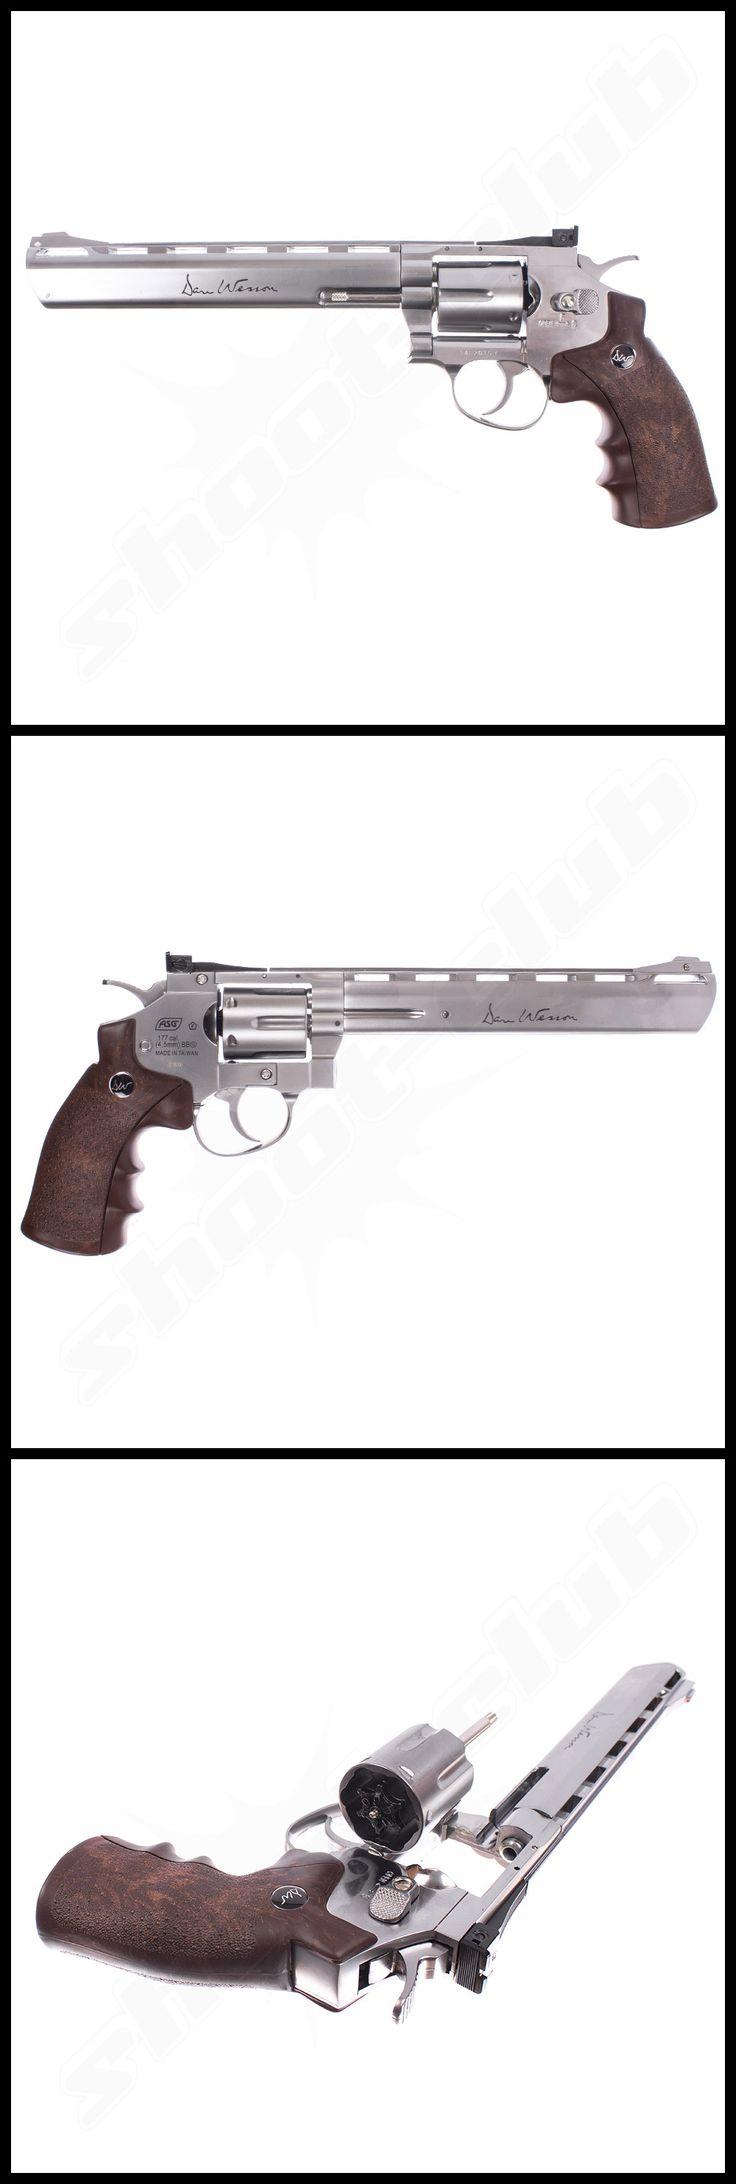 Dan Wesson 8-Zoll Revolver silber im Kal. 4,5mm BB - weitere Informationen und Produkte findet Ihr auf www.shoot-club.de - #shootclub #guns #revolver